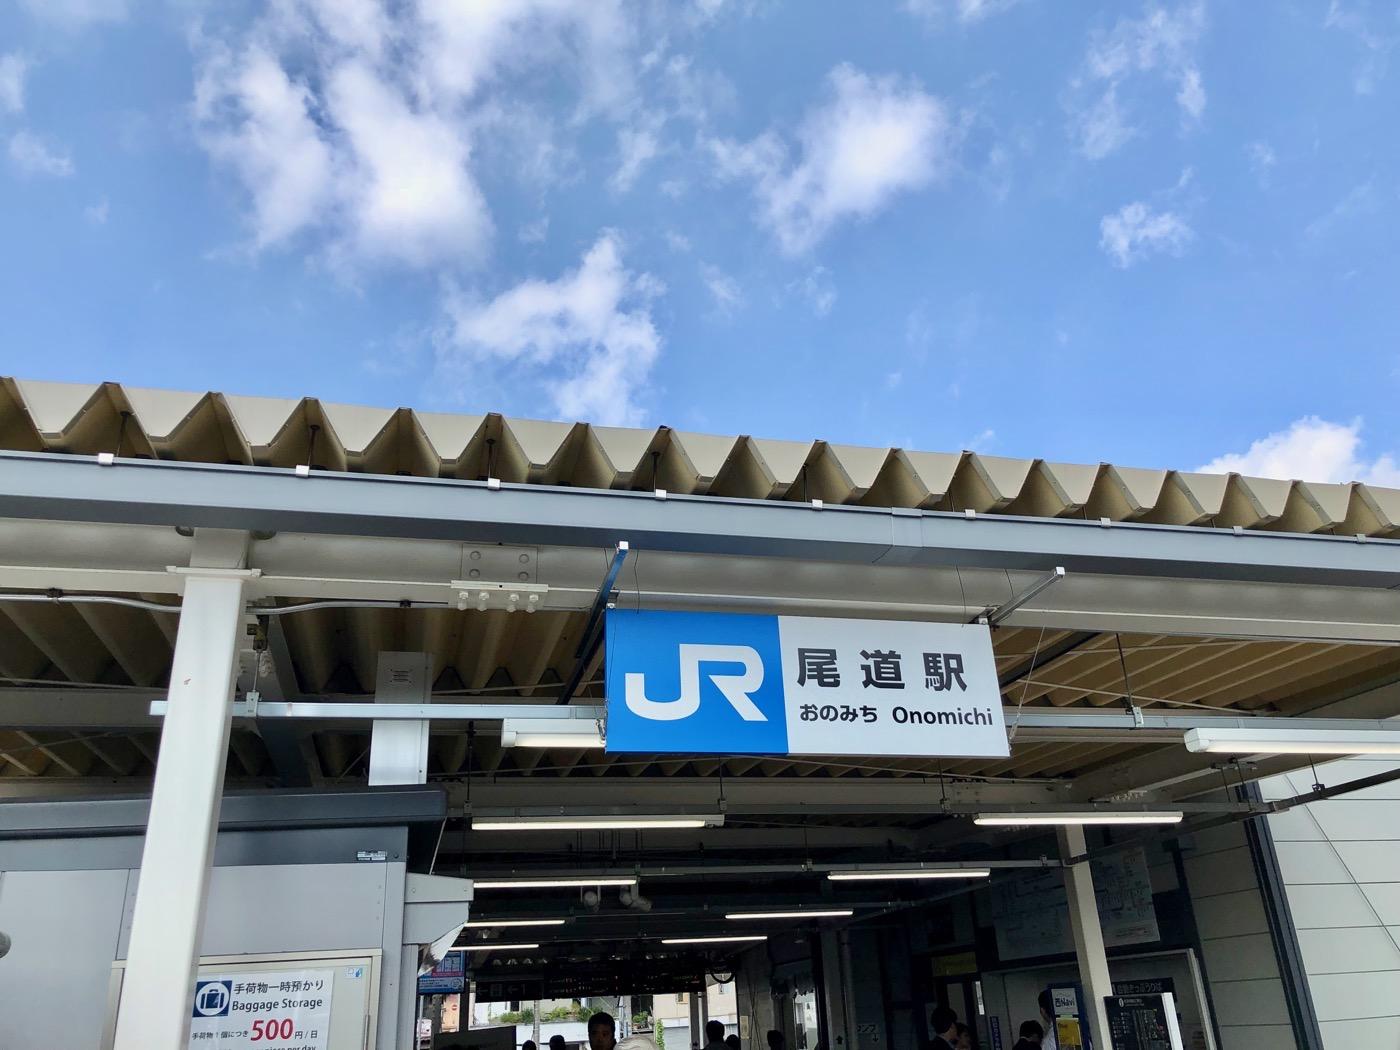 尾道駅の様子